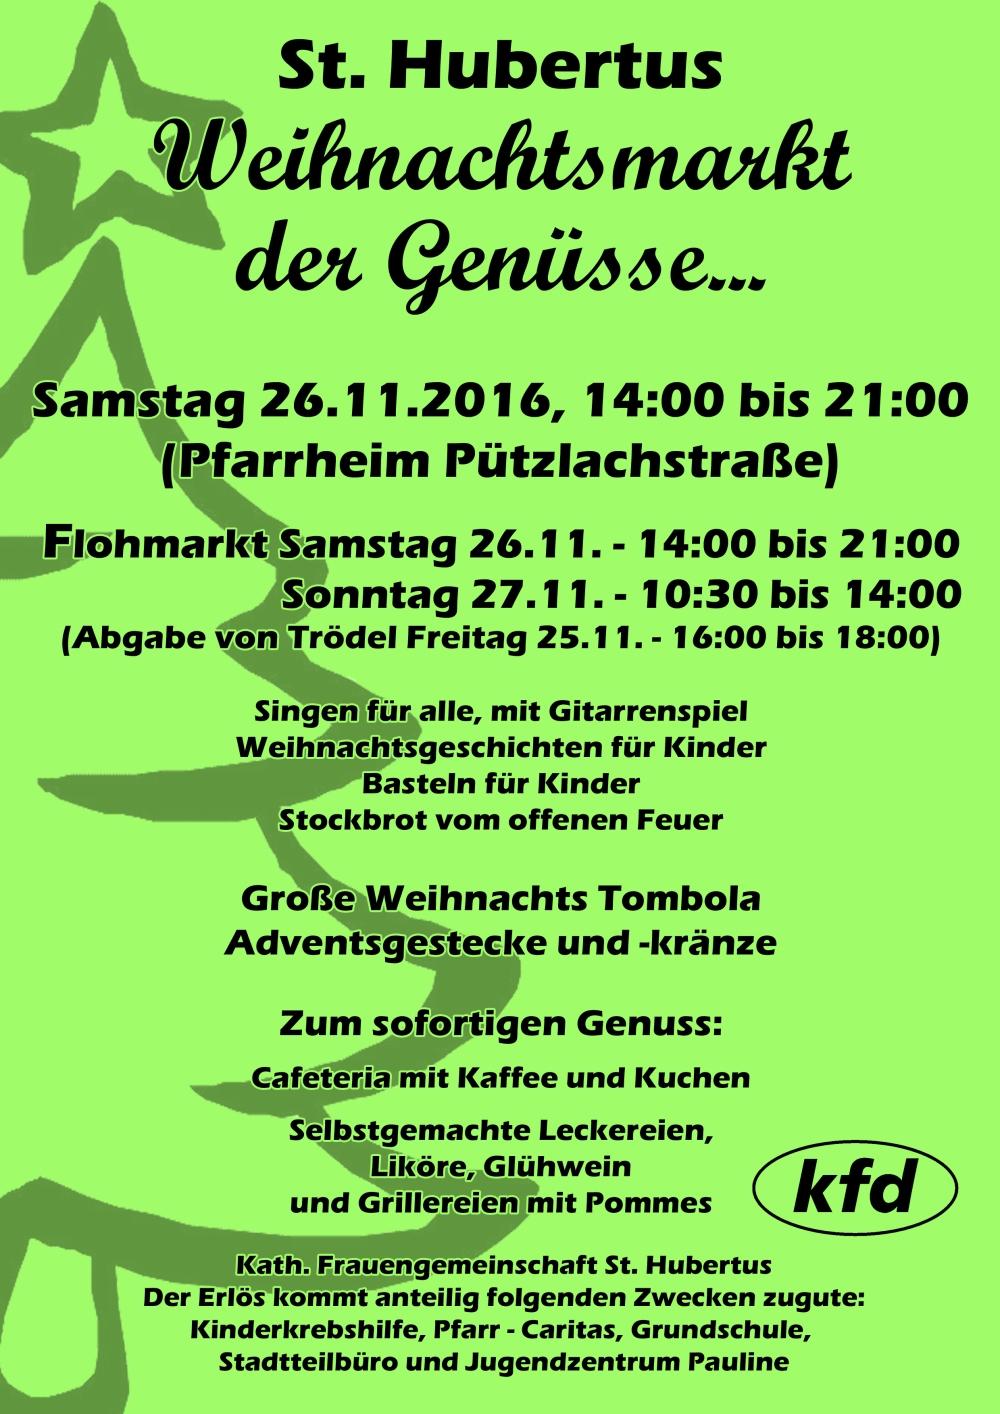 2016-weihnachtsmarkt-plakat-kfd